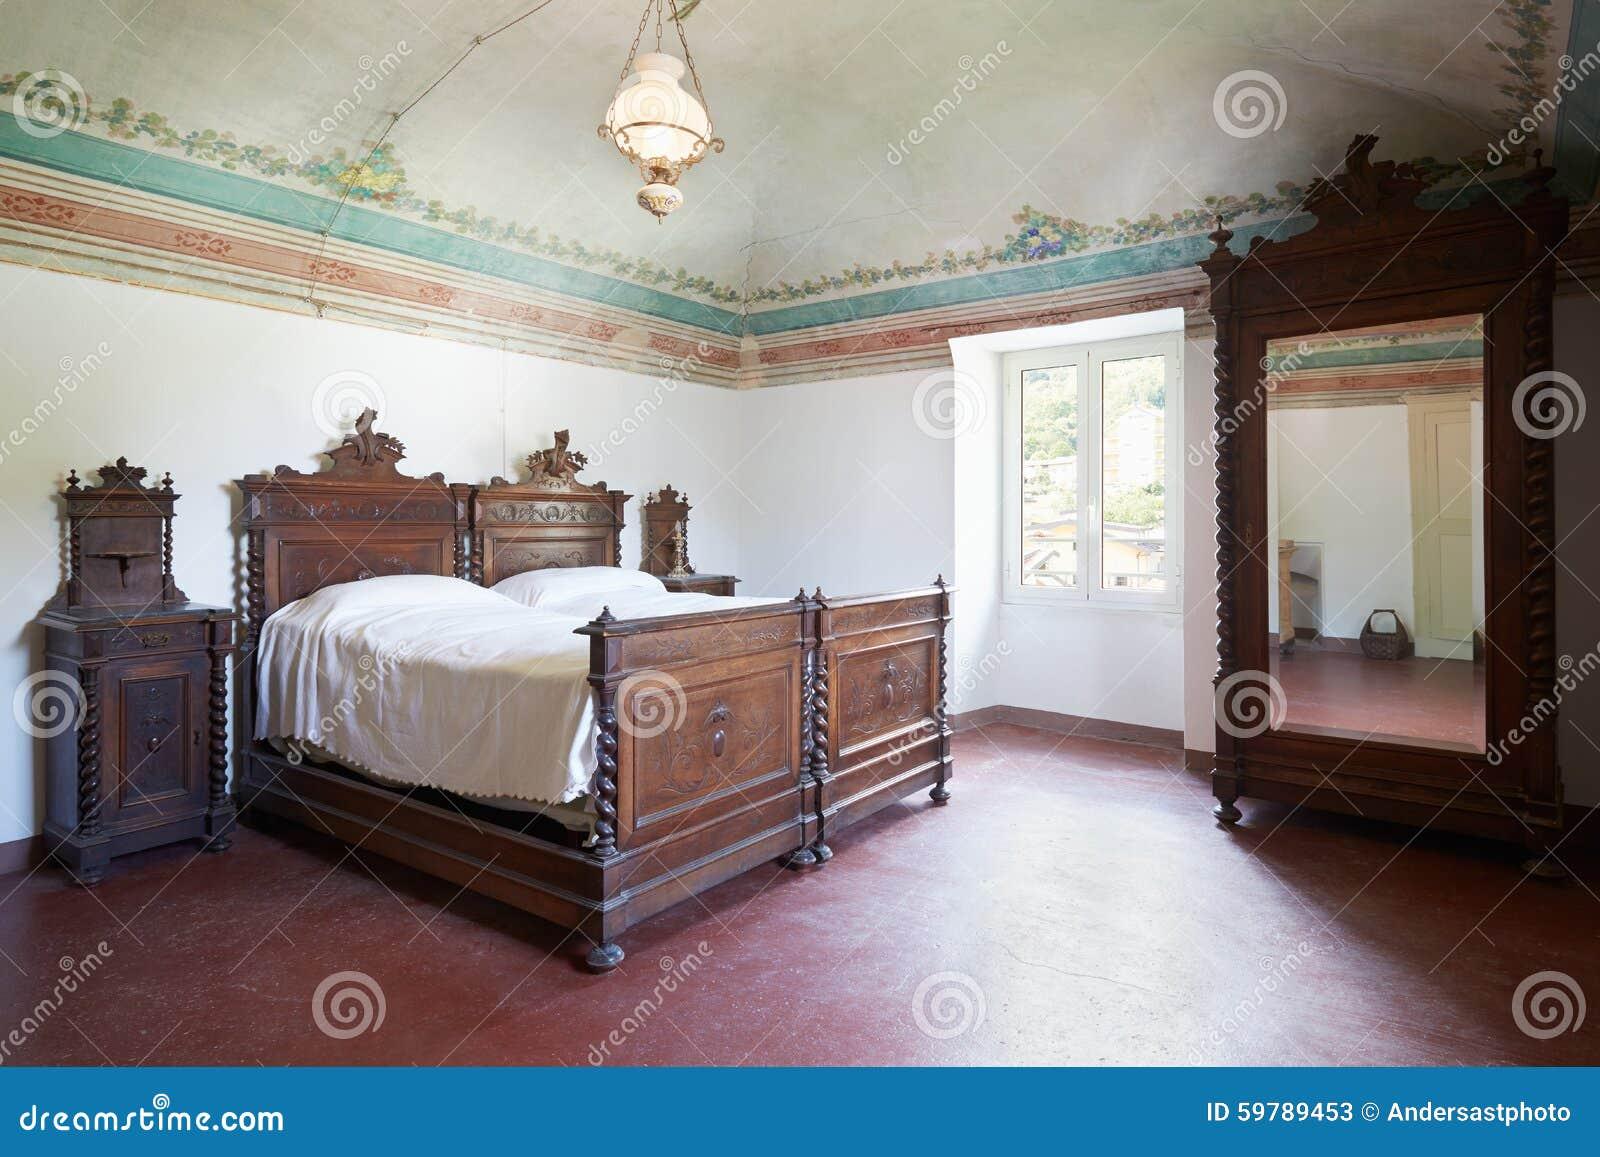 Camera da letto di legno nell 39 interno antico con l 39 affresco fotografia stock immagine 59789453 - Camera da letto legno ...